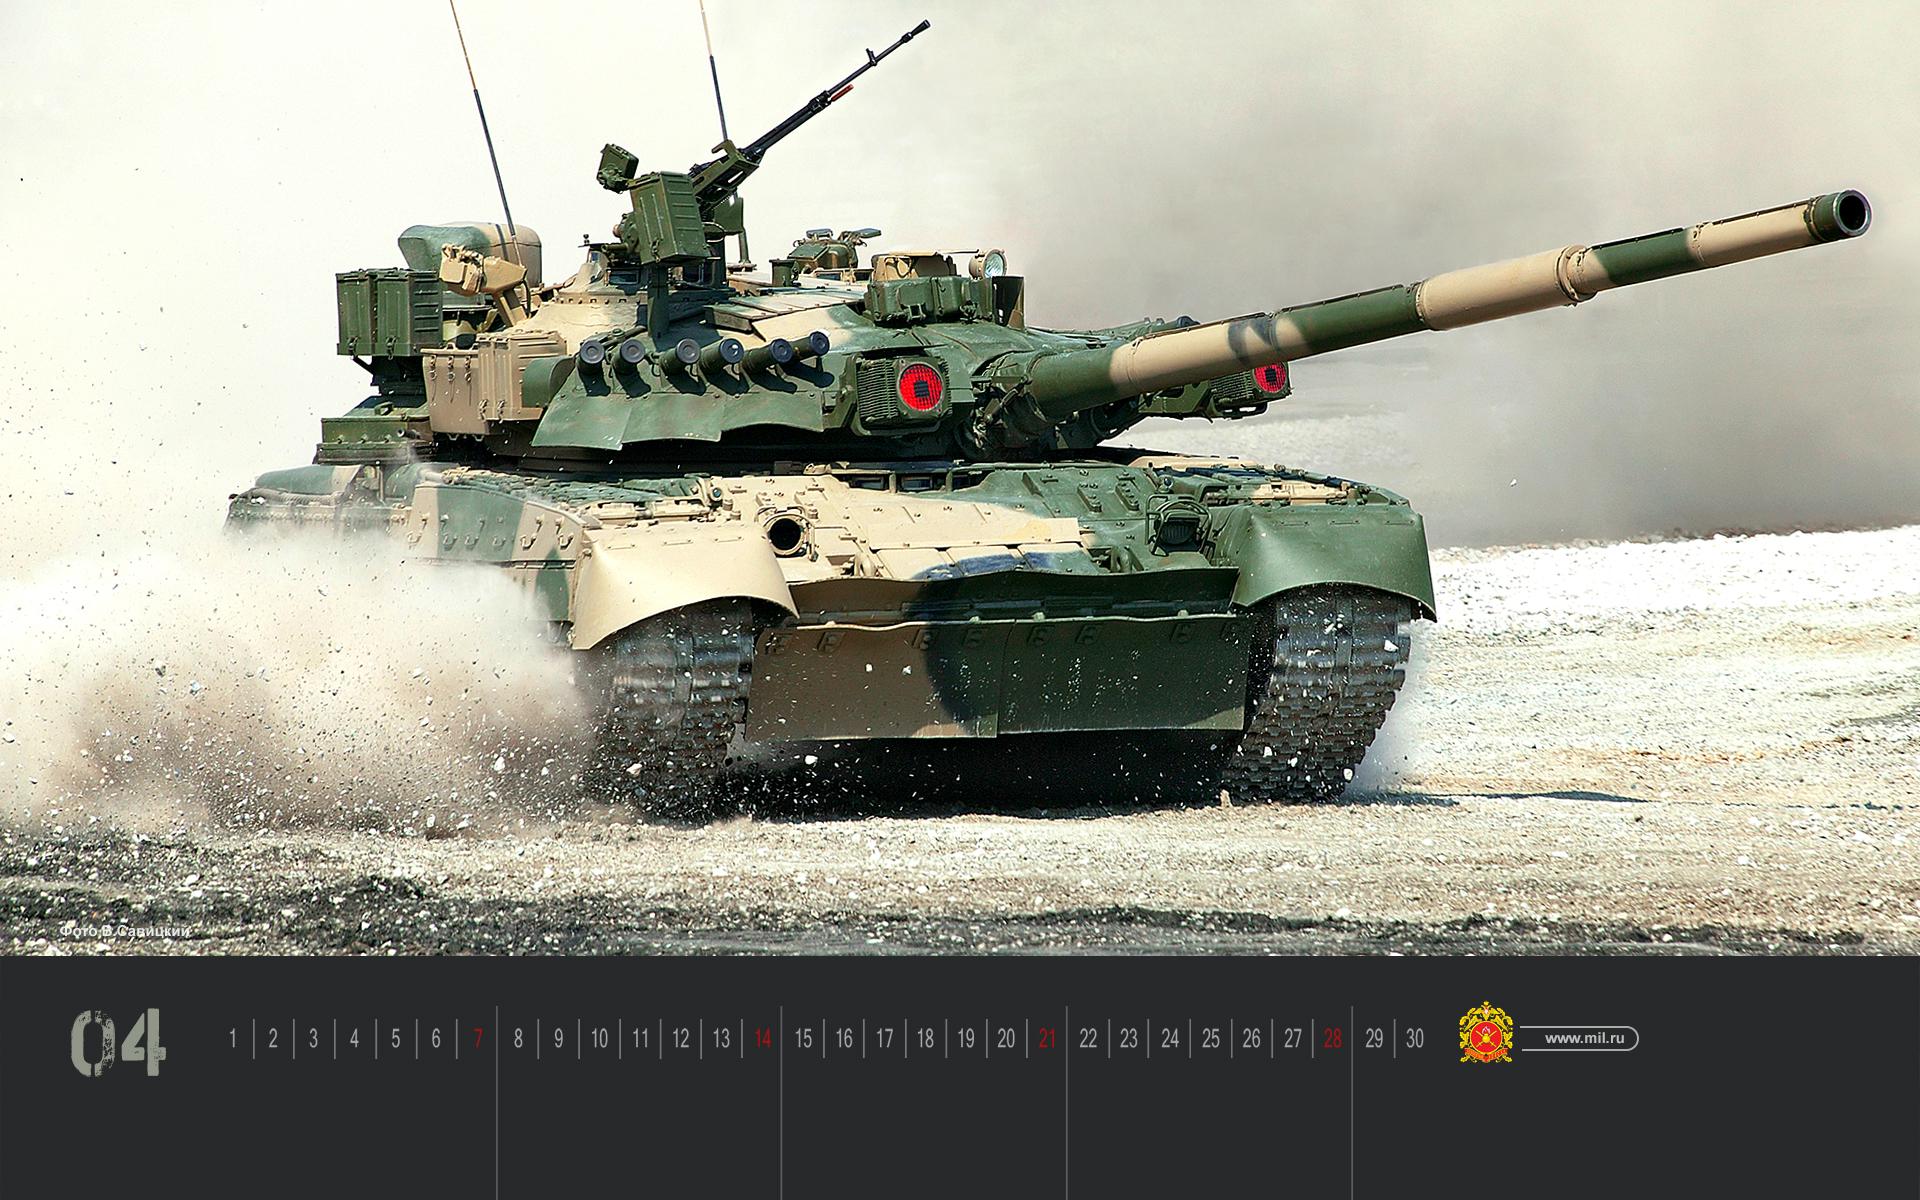 El nuevo ejército ruso... - Página 2 0_86dd0_43c2d81c_orig